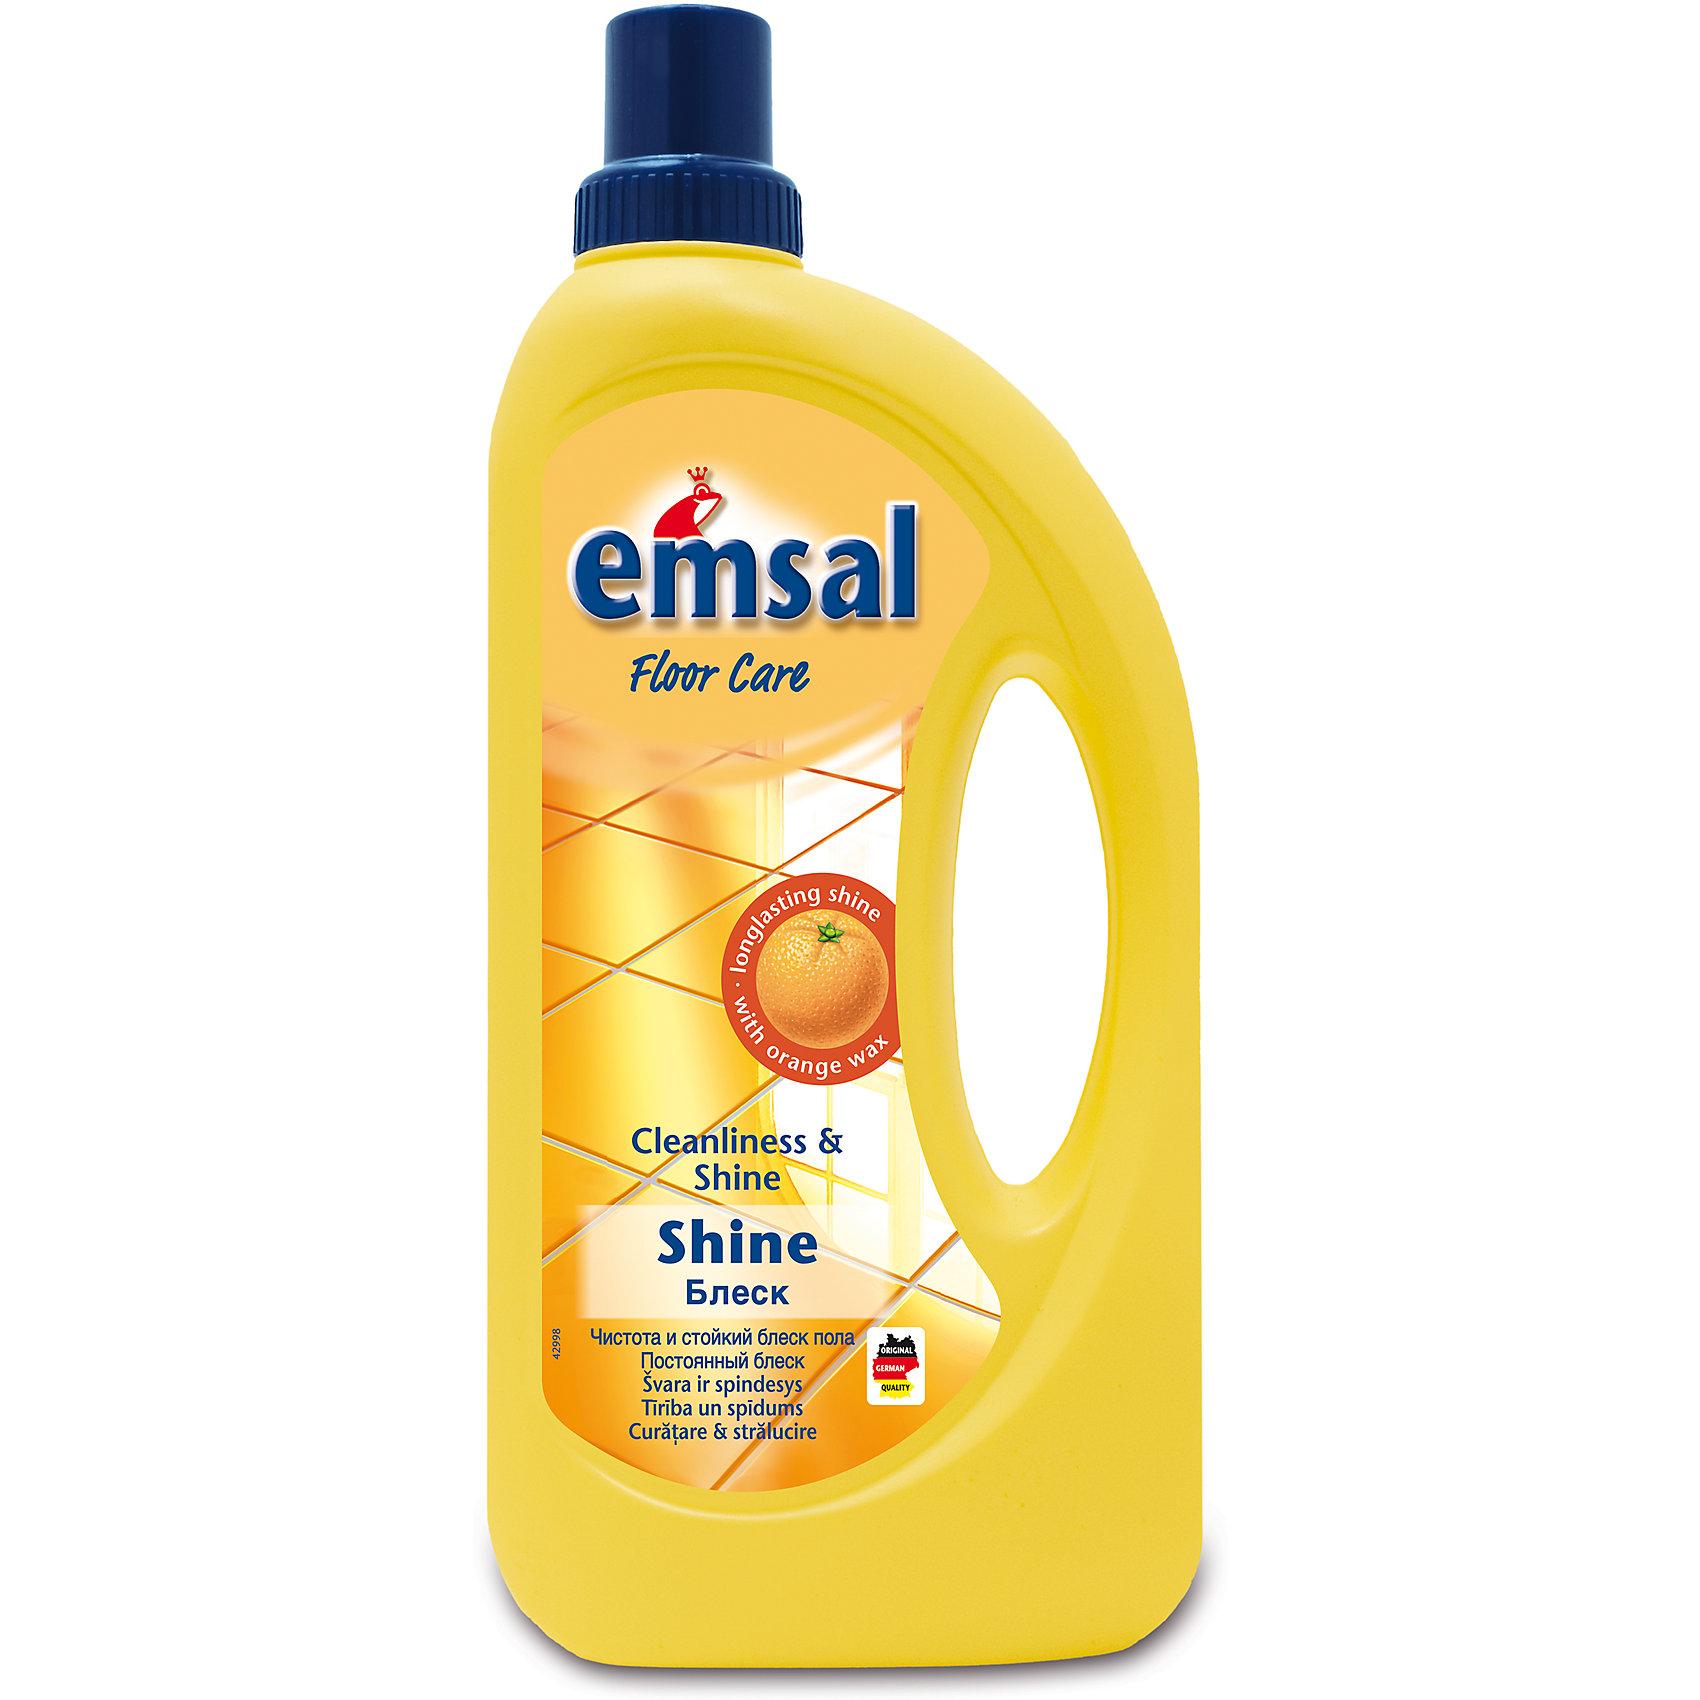 Emsal Tuba Блеск (для мойки и полировки любых полов), 1 л., Emsal Tuba мини мойки керхер в магазине